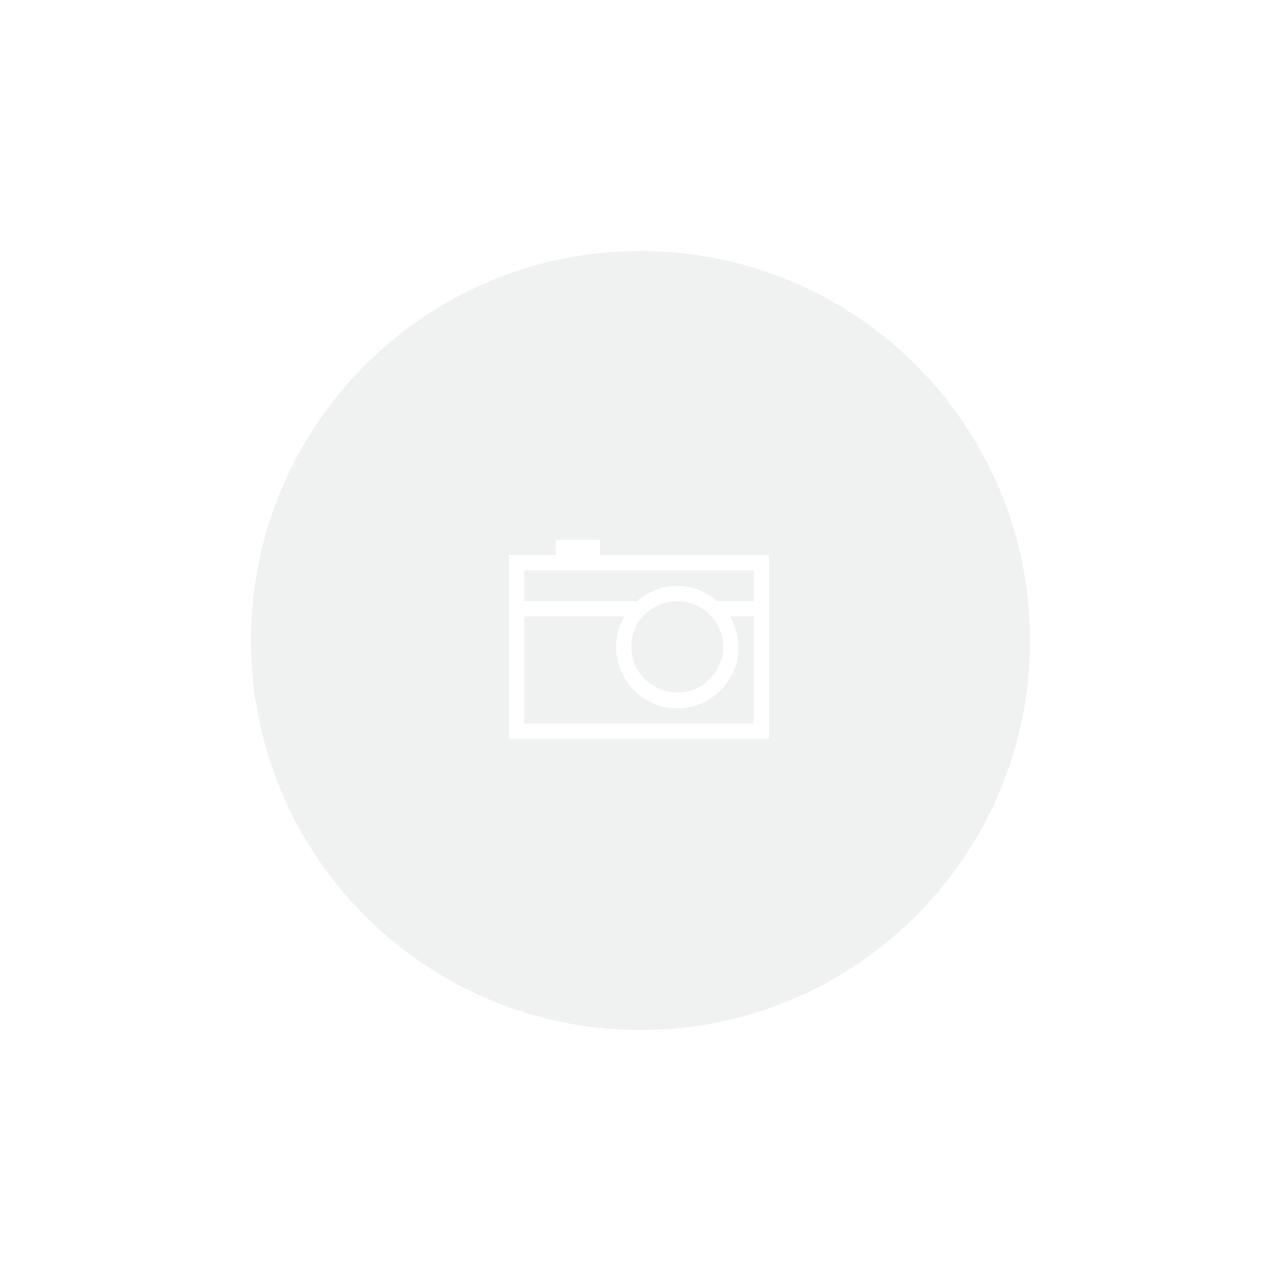 Lâmina 3/4 HT 19mm Andis